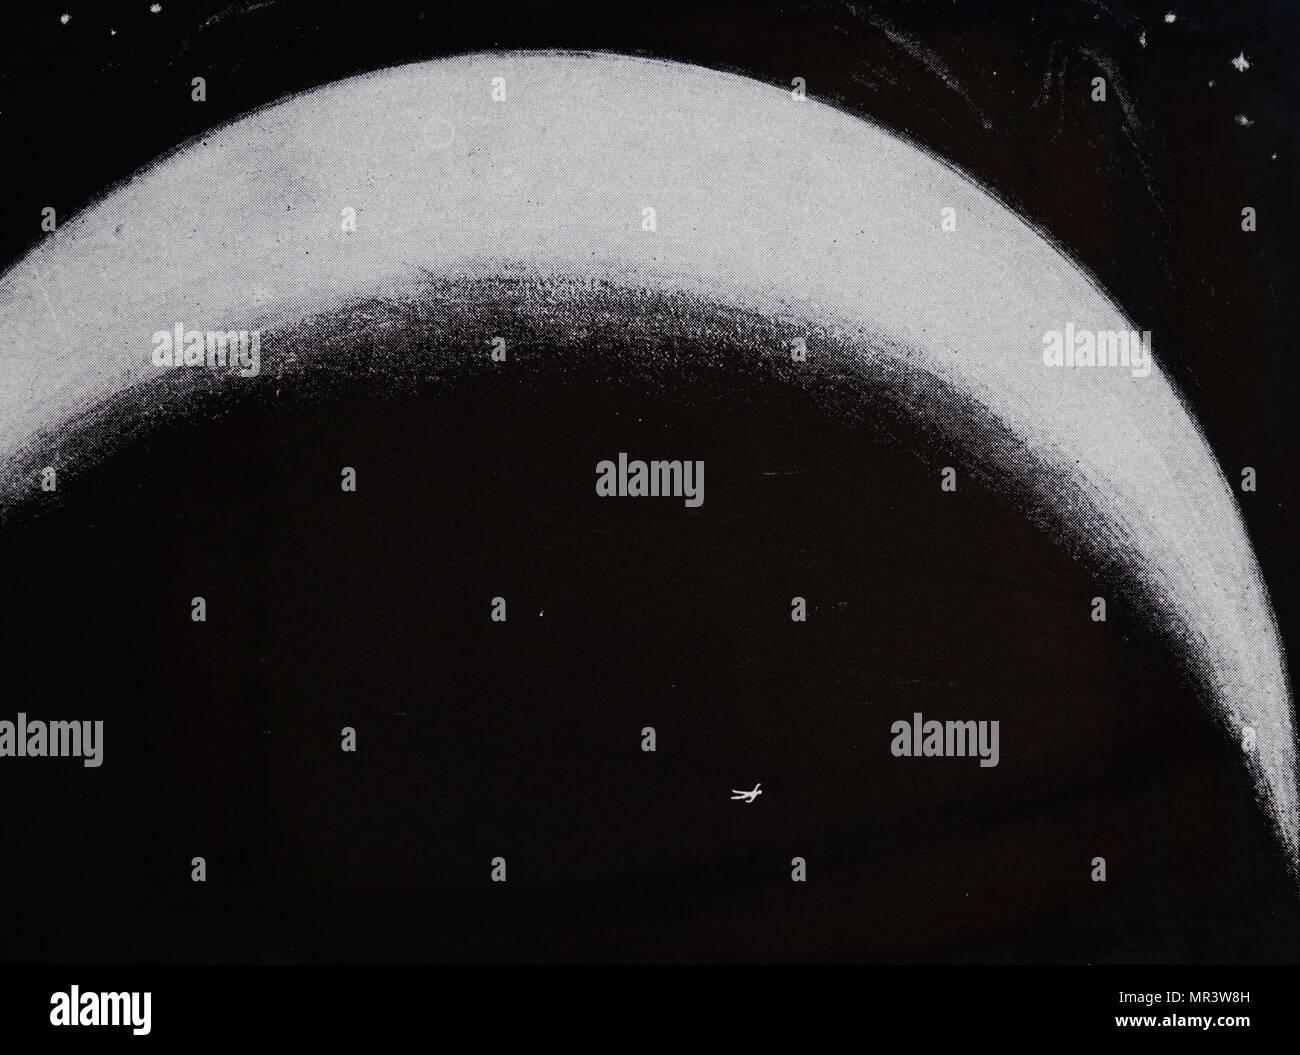 """Beleuchtete menschliche Umrisse wie vom Mars gesehen. Idee für die Kommunikation mit Bewohner des Mars durch die Beleuchtung eine große Fläche (mehrere Quadratkilometer) Schnee die Form eines Mannes mit Bogenlampen. Der Artikel setzt voraus, dass der Mars mit intelligenten Wesen bewohnt ist, weil der """"Kanäle"""": Und da wir sehen Diemos und Phobos durch unsere Teleskope auf dem Mars Astronomen sehen würden die riesigen Abbildung wie gezeigt. Vom 19. Jahrhundert Stockbild"""